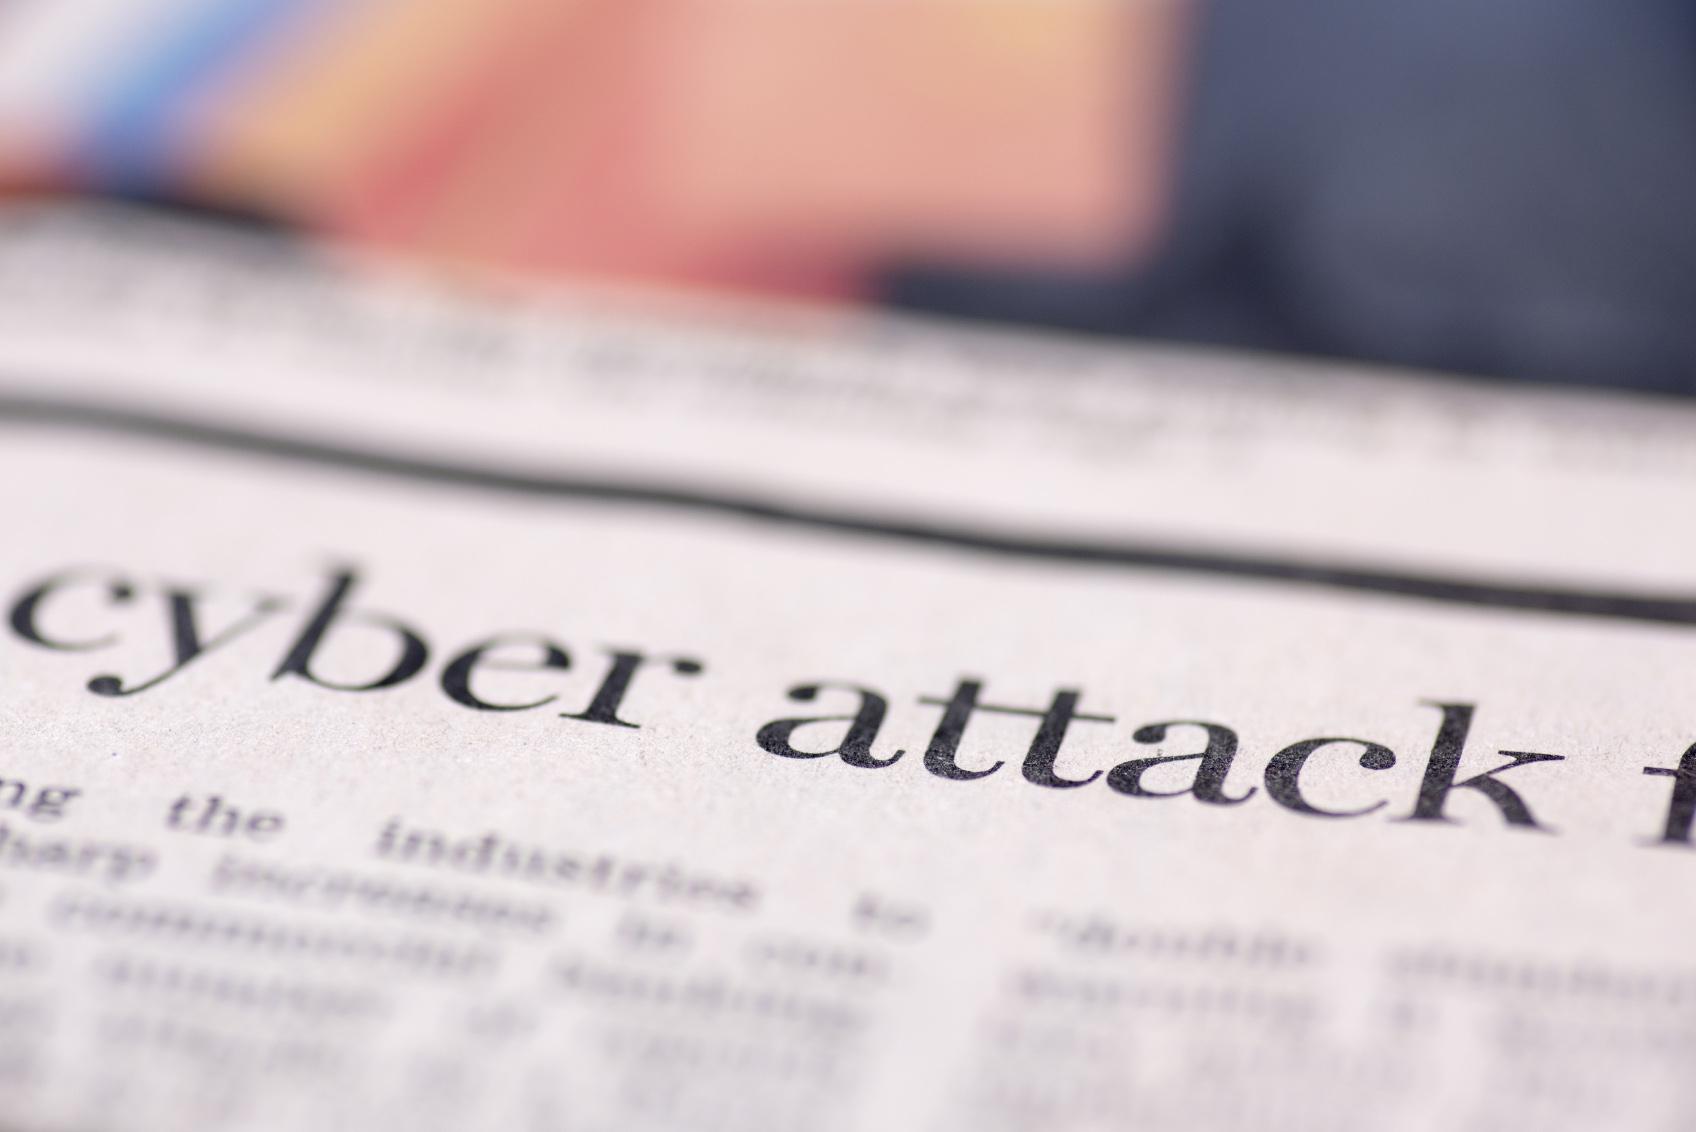 Cyber-sikkerhet: hvorfor bør norske bedrifter bry seg?